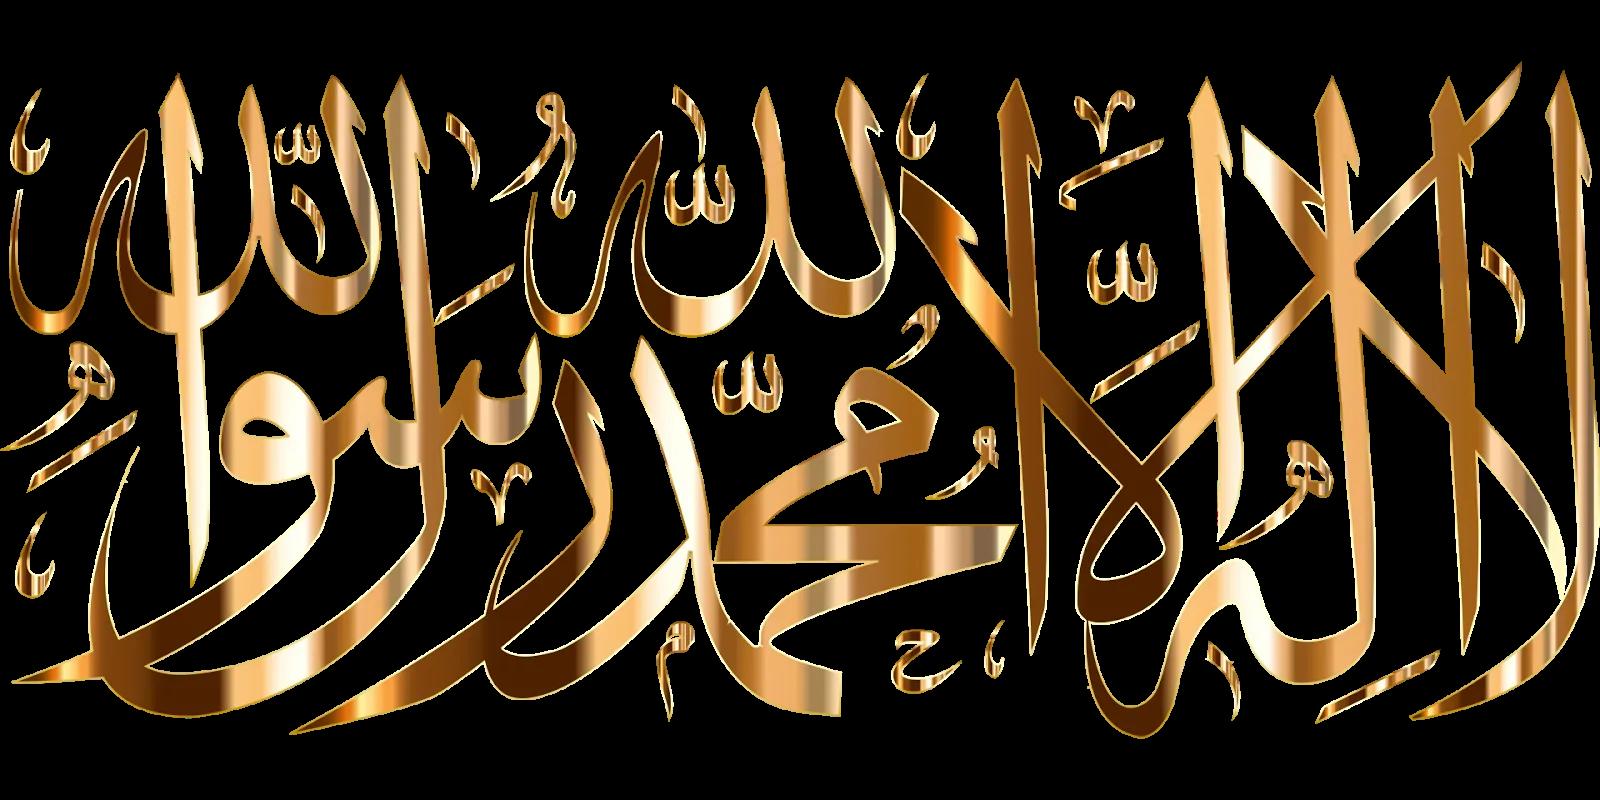 لا اله الا الله محمدا رسول الله مطلية بالذهب